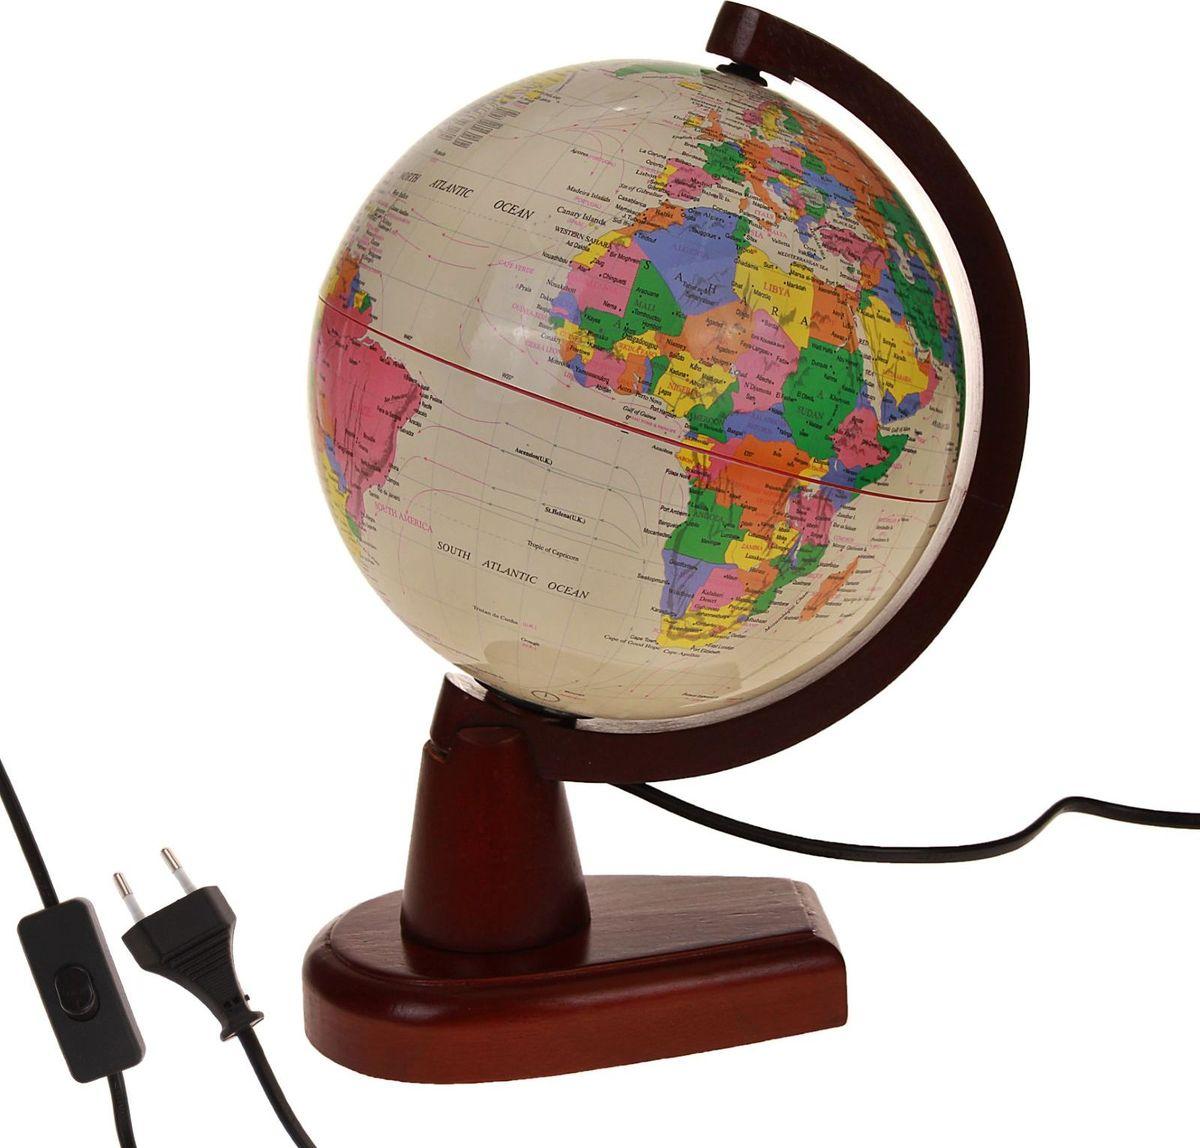 Глобус Политическая карта на английском языке диаметр 20 см186790Данная модель дает представление о политическом устройстве мира. Макет показывает расположение государств, столиц и крупных населенных пунктов. Названия всех объектов приведены на английском языке. Страны окрашены в разные цвета, чтобы вам было удобнее ориентироваться. На глобусе также отображены: экватор параллели меридианы градусы государственные границы демаркационные линии.Используйте изделие как ночник. Он оснащен мягкой, приглушенной LED-подсветкой. Характеристики Высота глобуса с подставкой: 33 см. Диаметр: 20 см. Масштаб: 1:63 000 000.Изготовлен из прочного пластика.